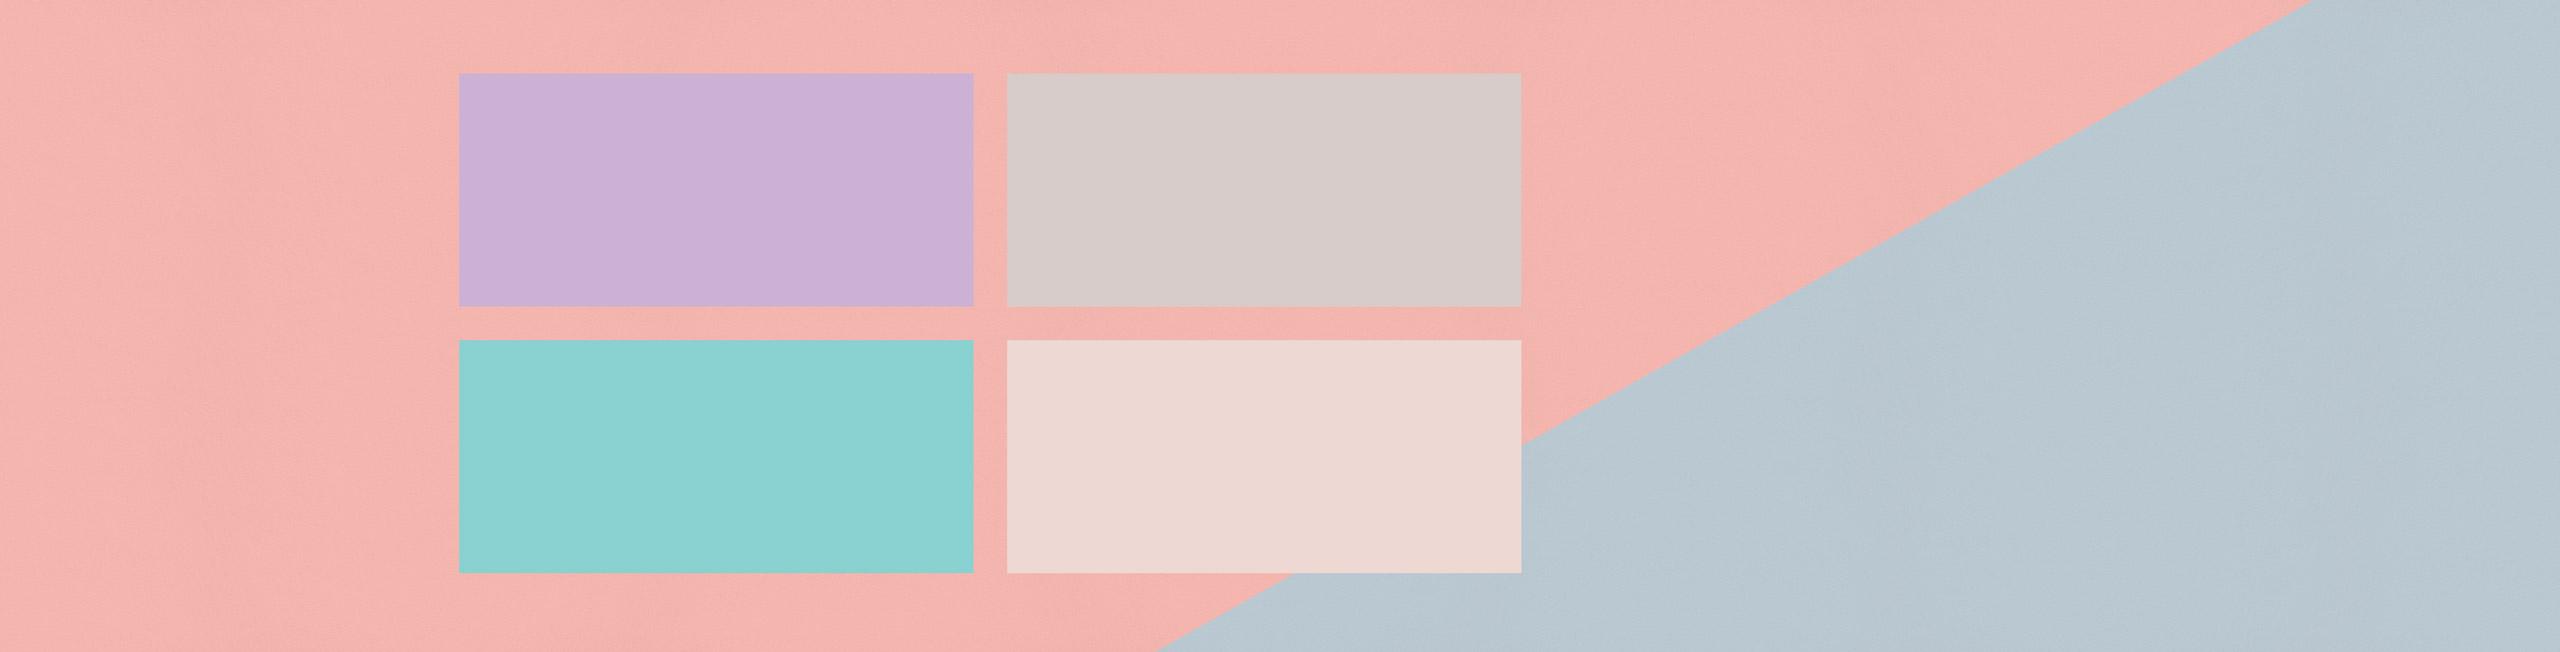 Geometrie pastello nelle collezioni di nastri tessuto dalle tinte pastello